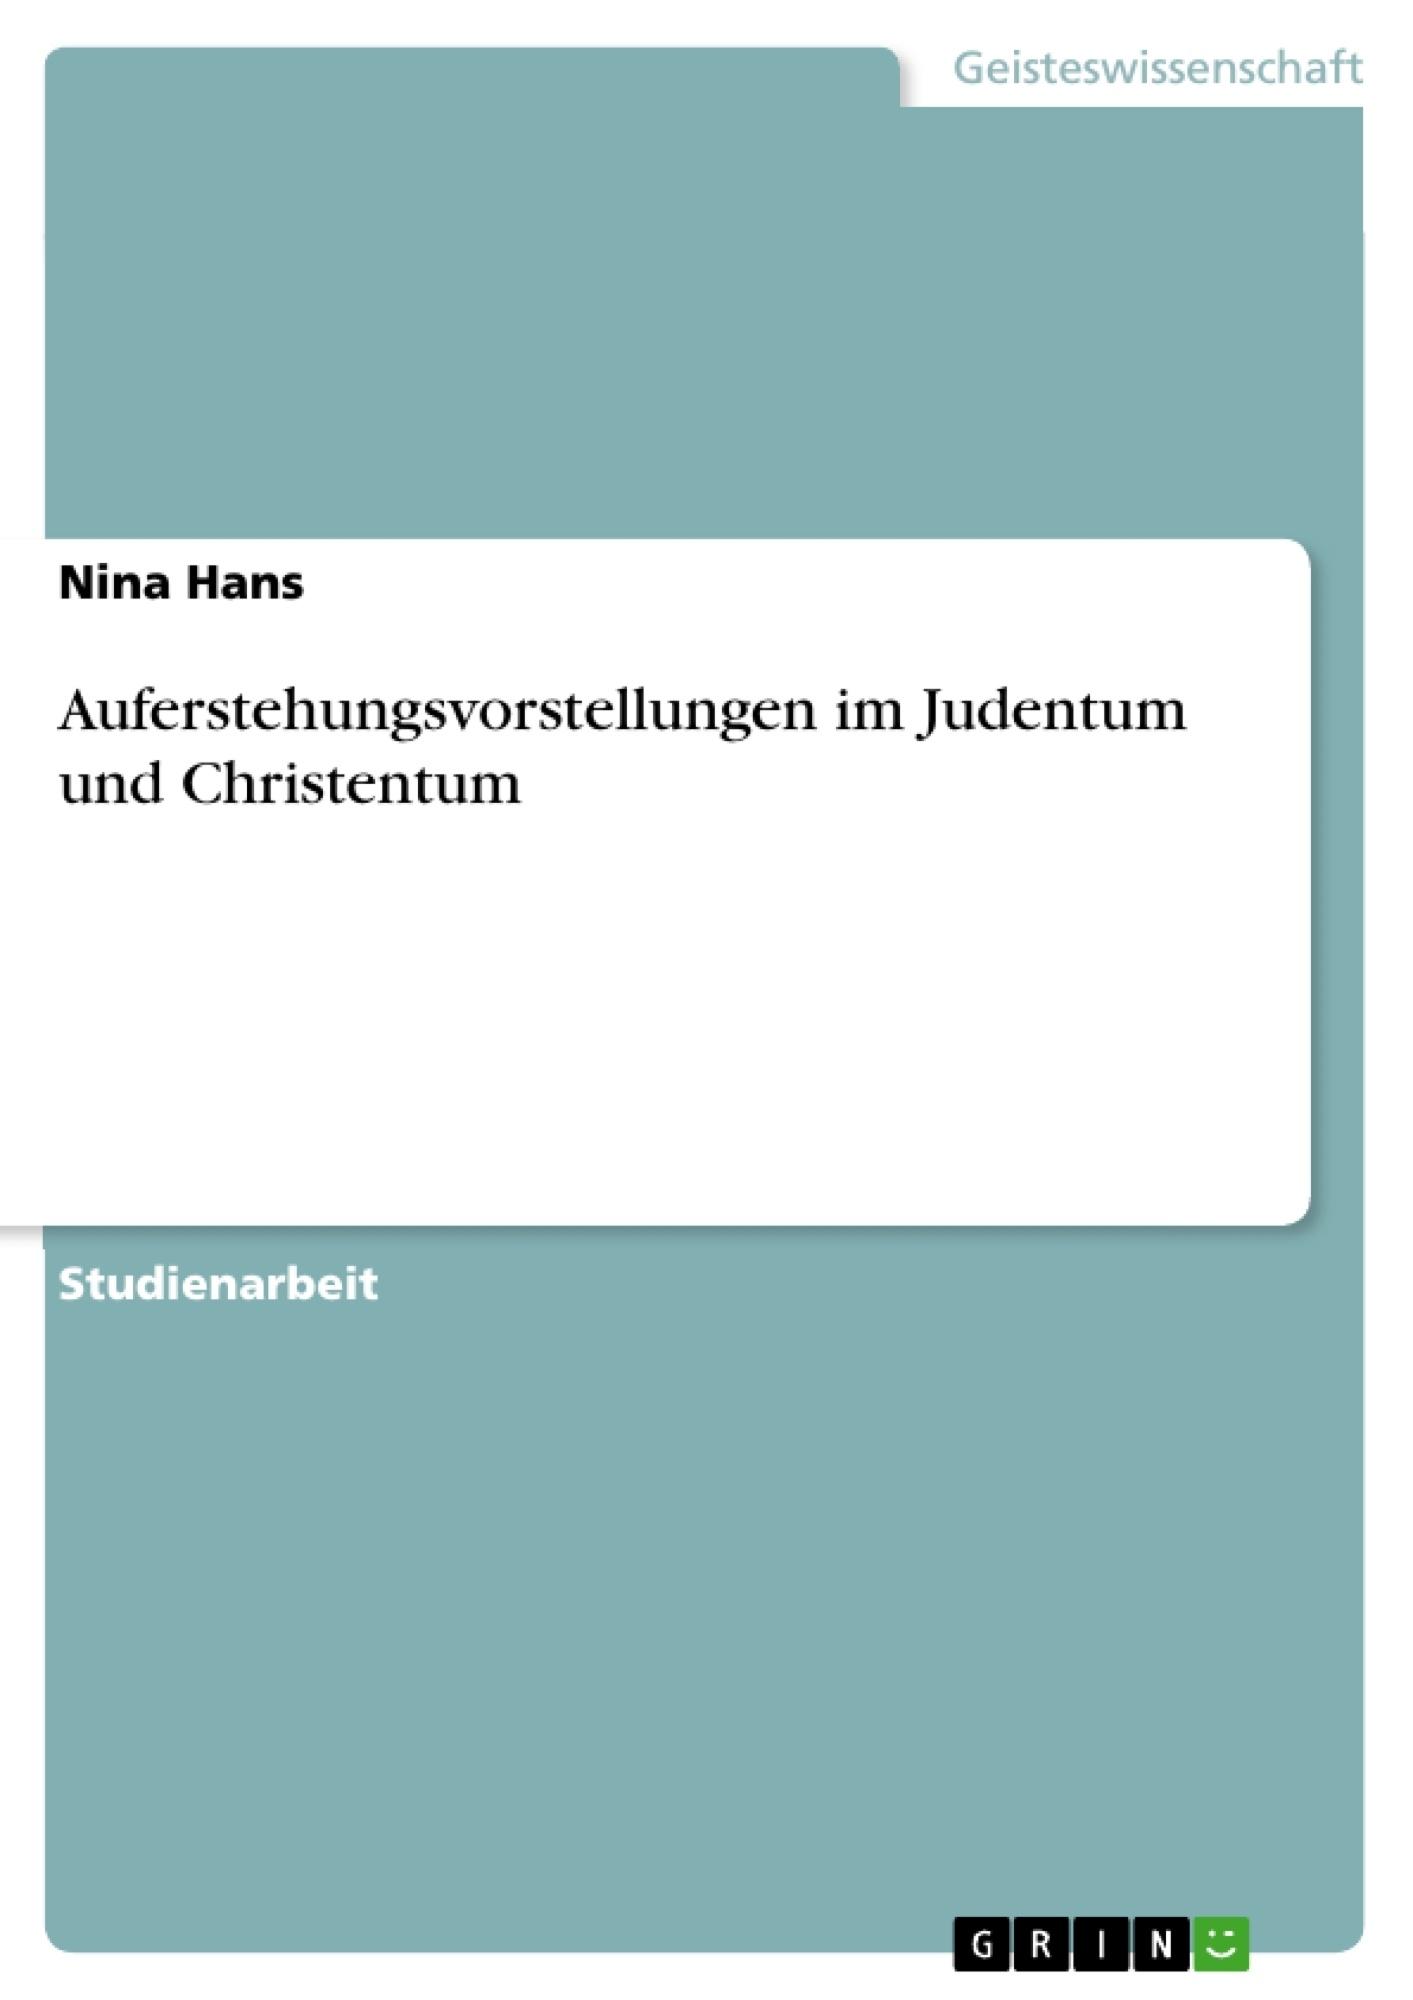 Titel: Auferstehungsvorstellungen im Judentum und Christentum